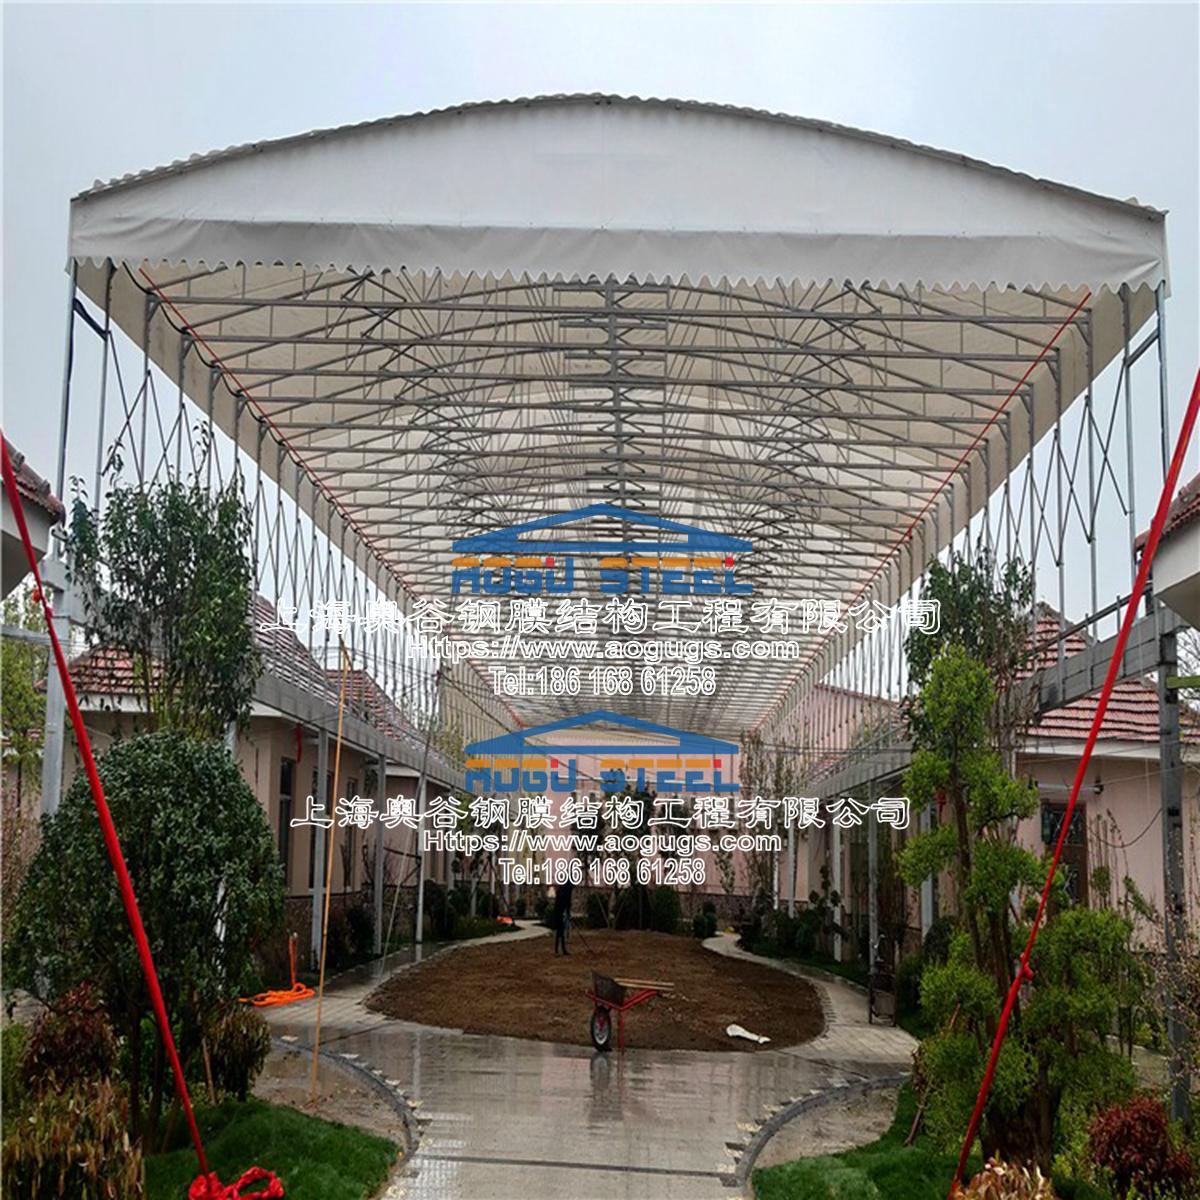 厂房 两房之间 架空 电动伸缩雨棚 现场图片